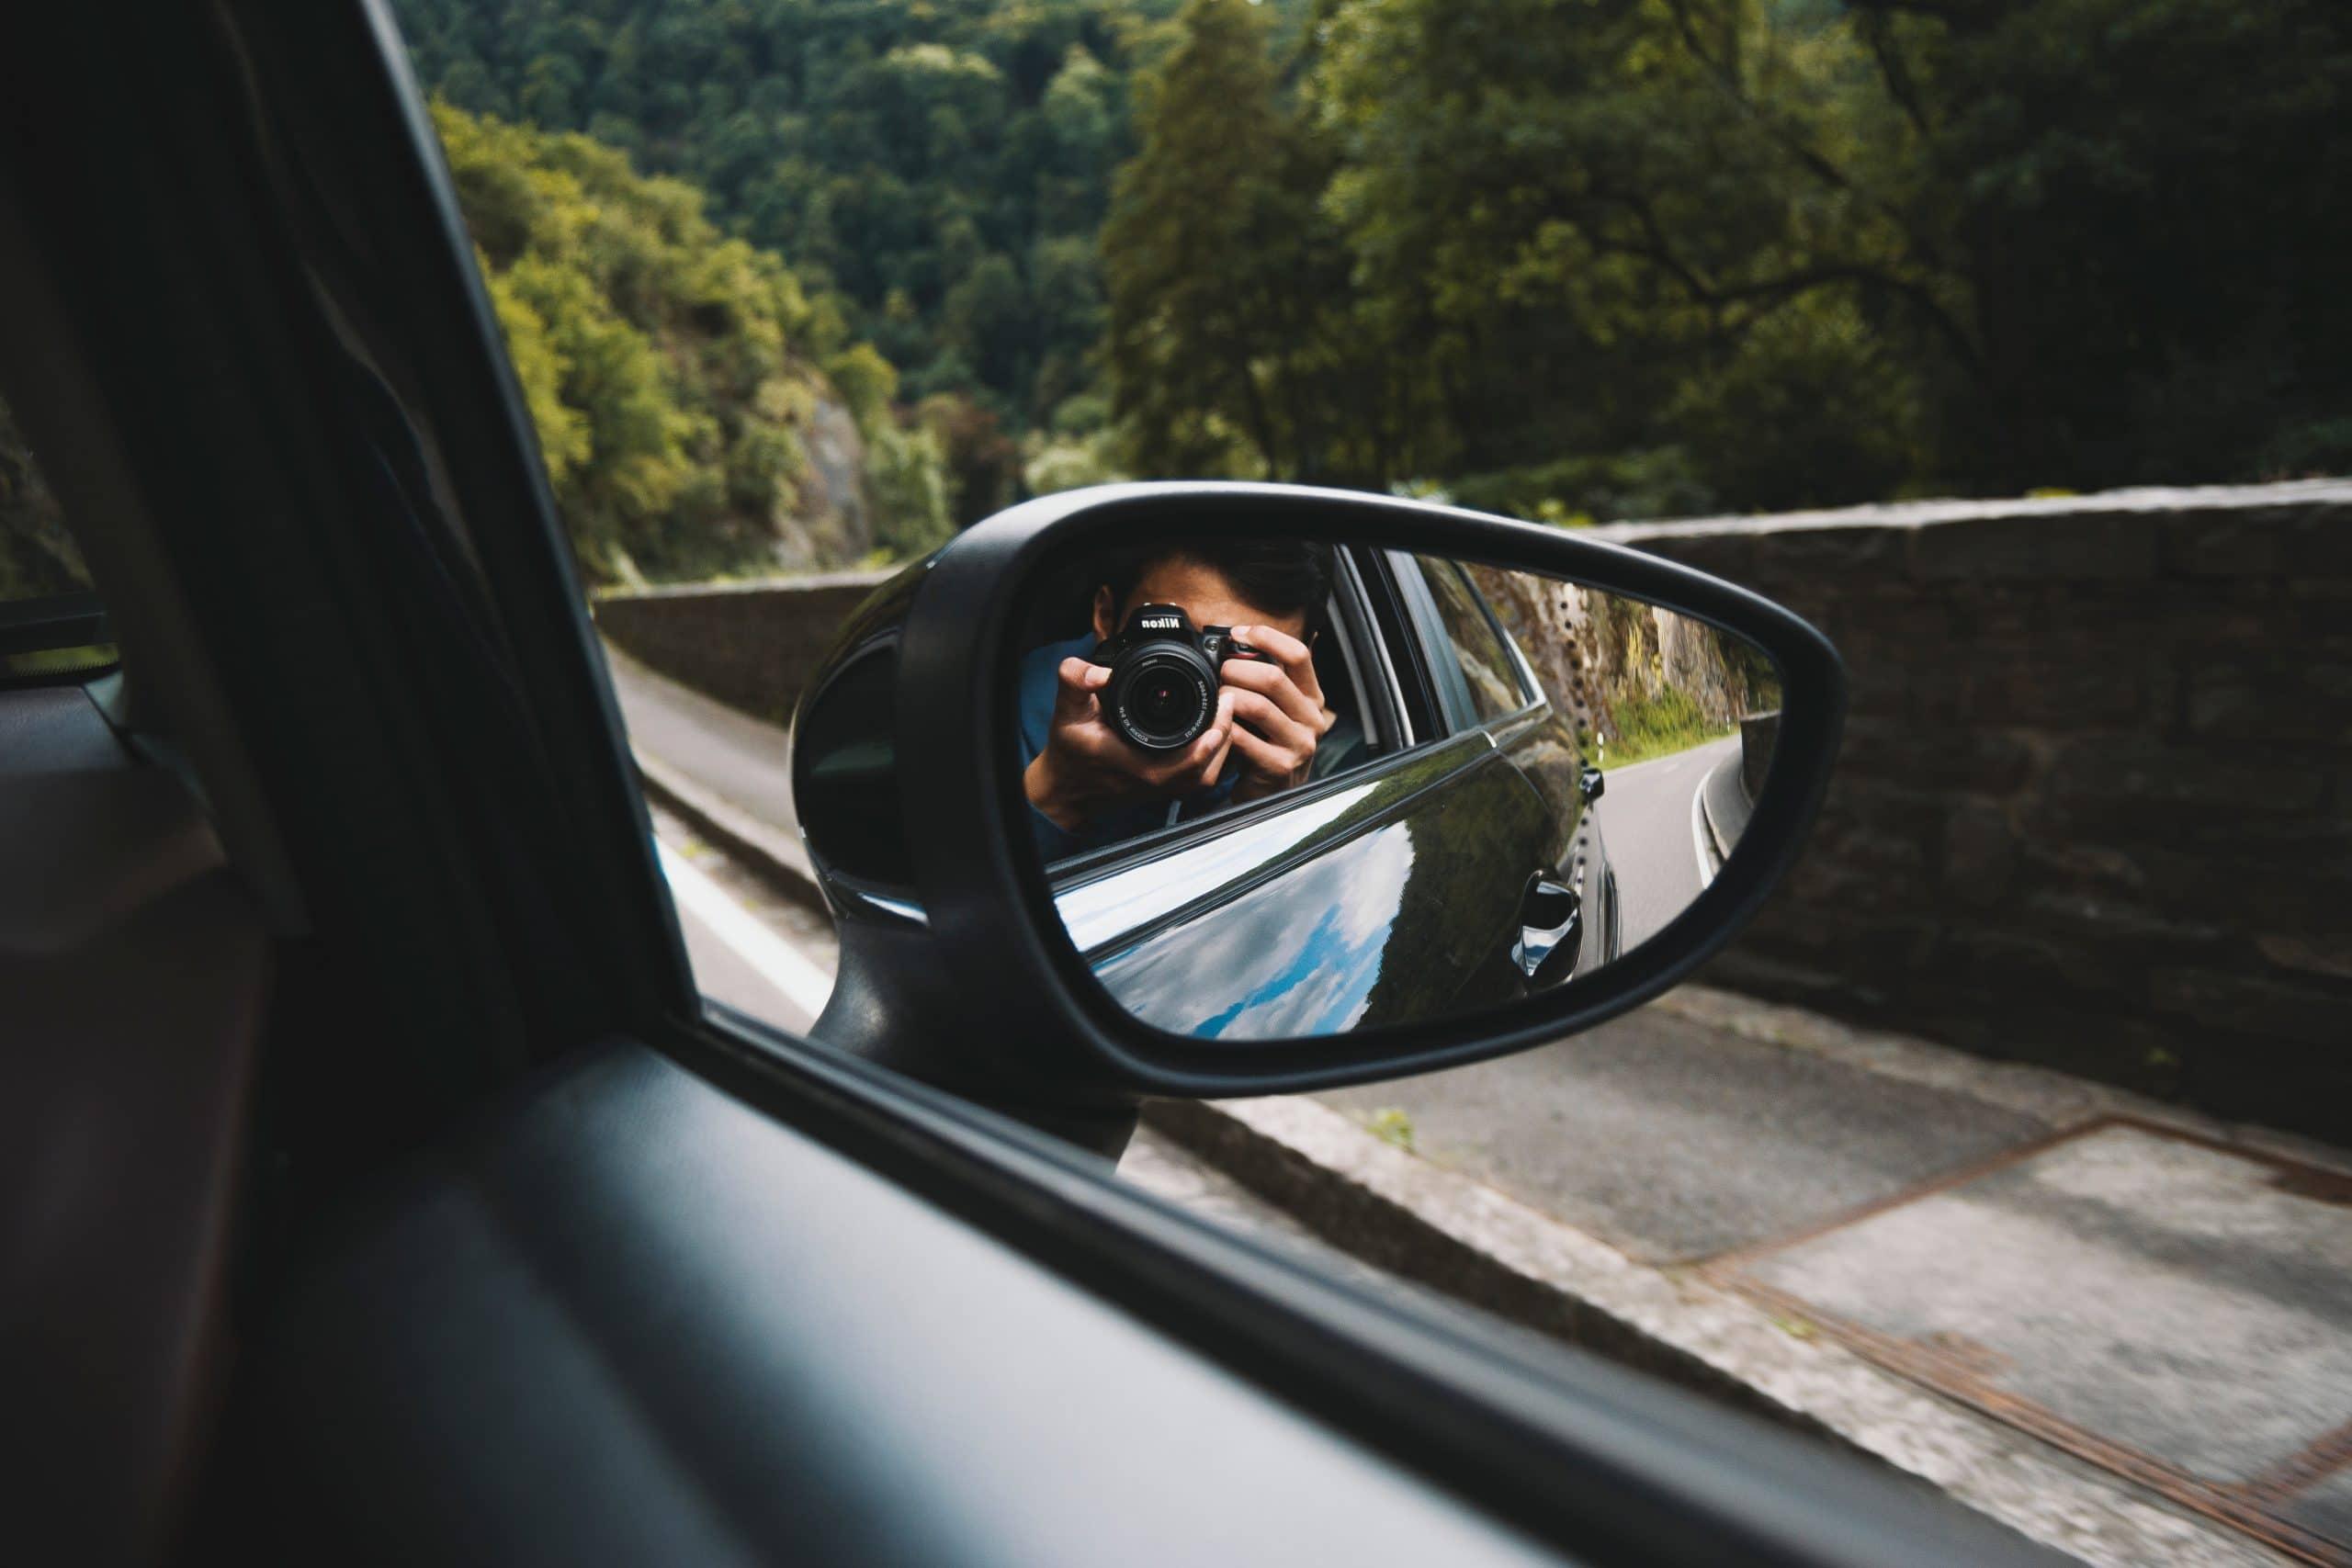 Homem tirando foto no retrovisor do carro.